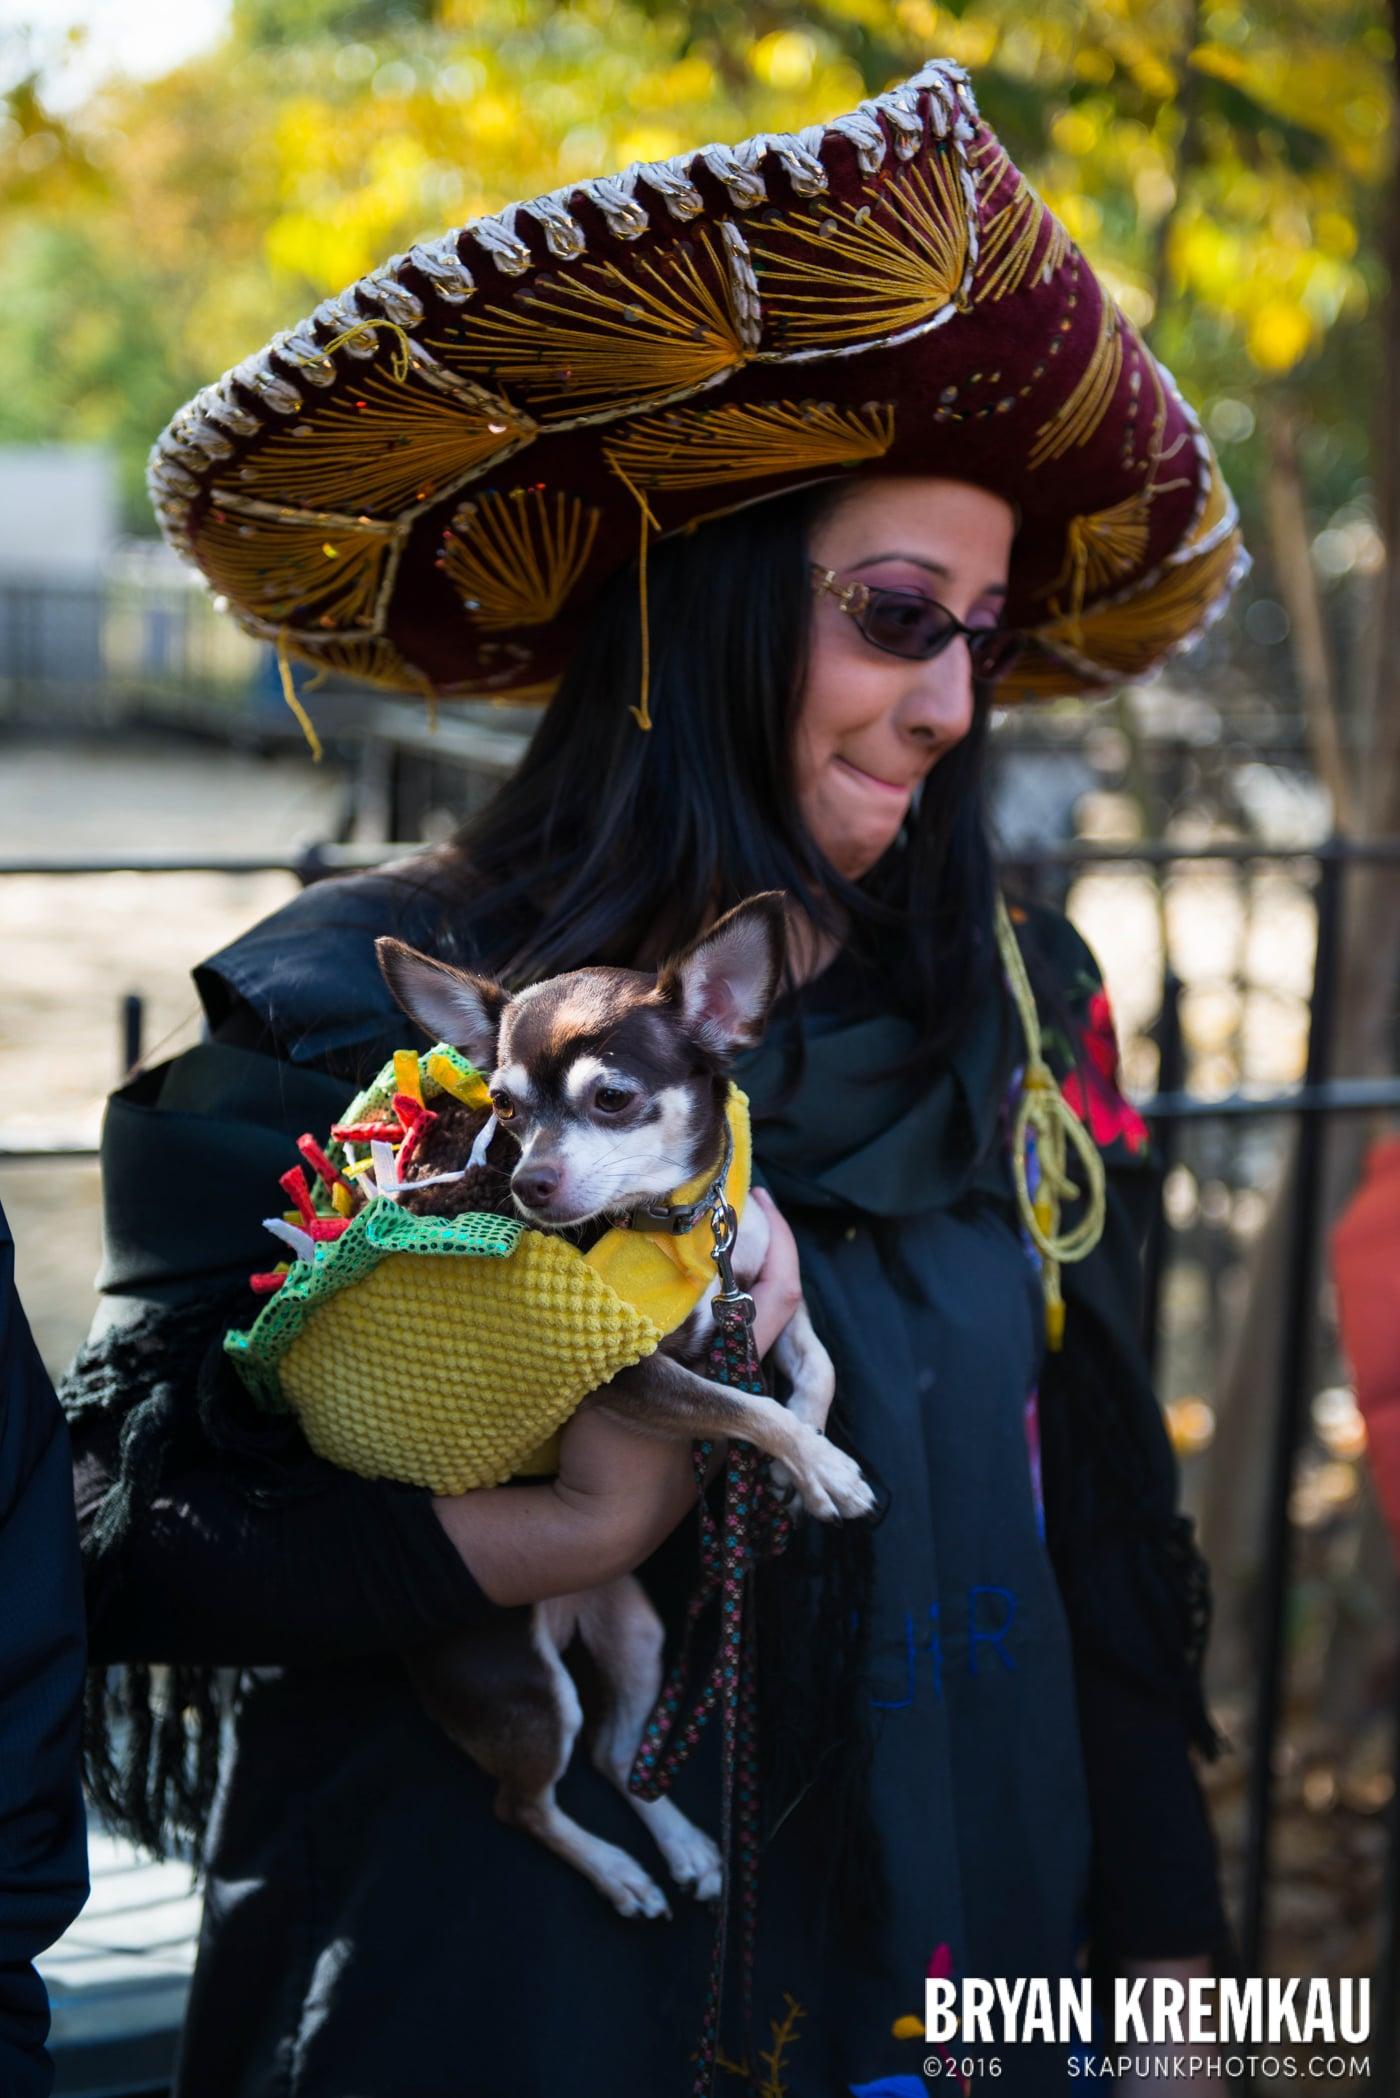 Tompkins Square Halloween Dog Parade 2013 @ Tompkins Square Park, NYC - 10.26.13 (64)